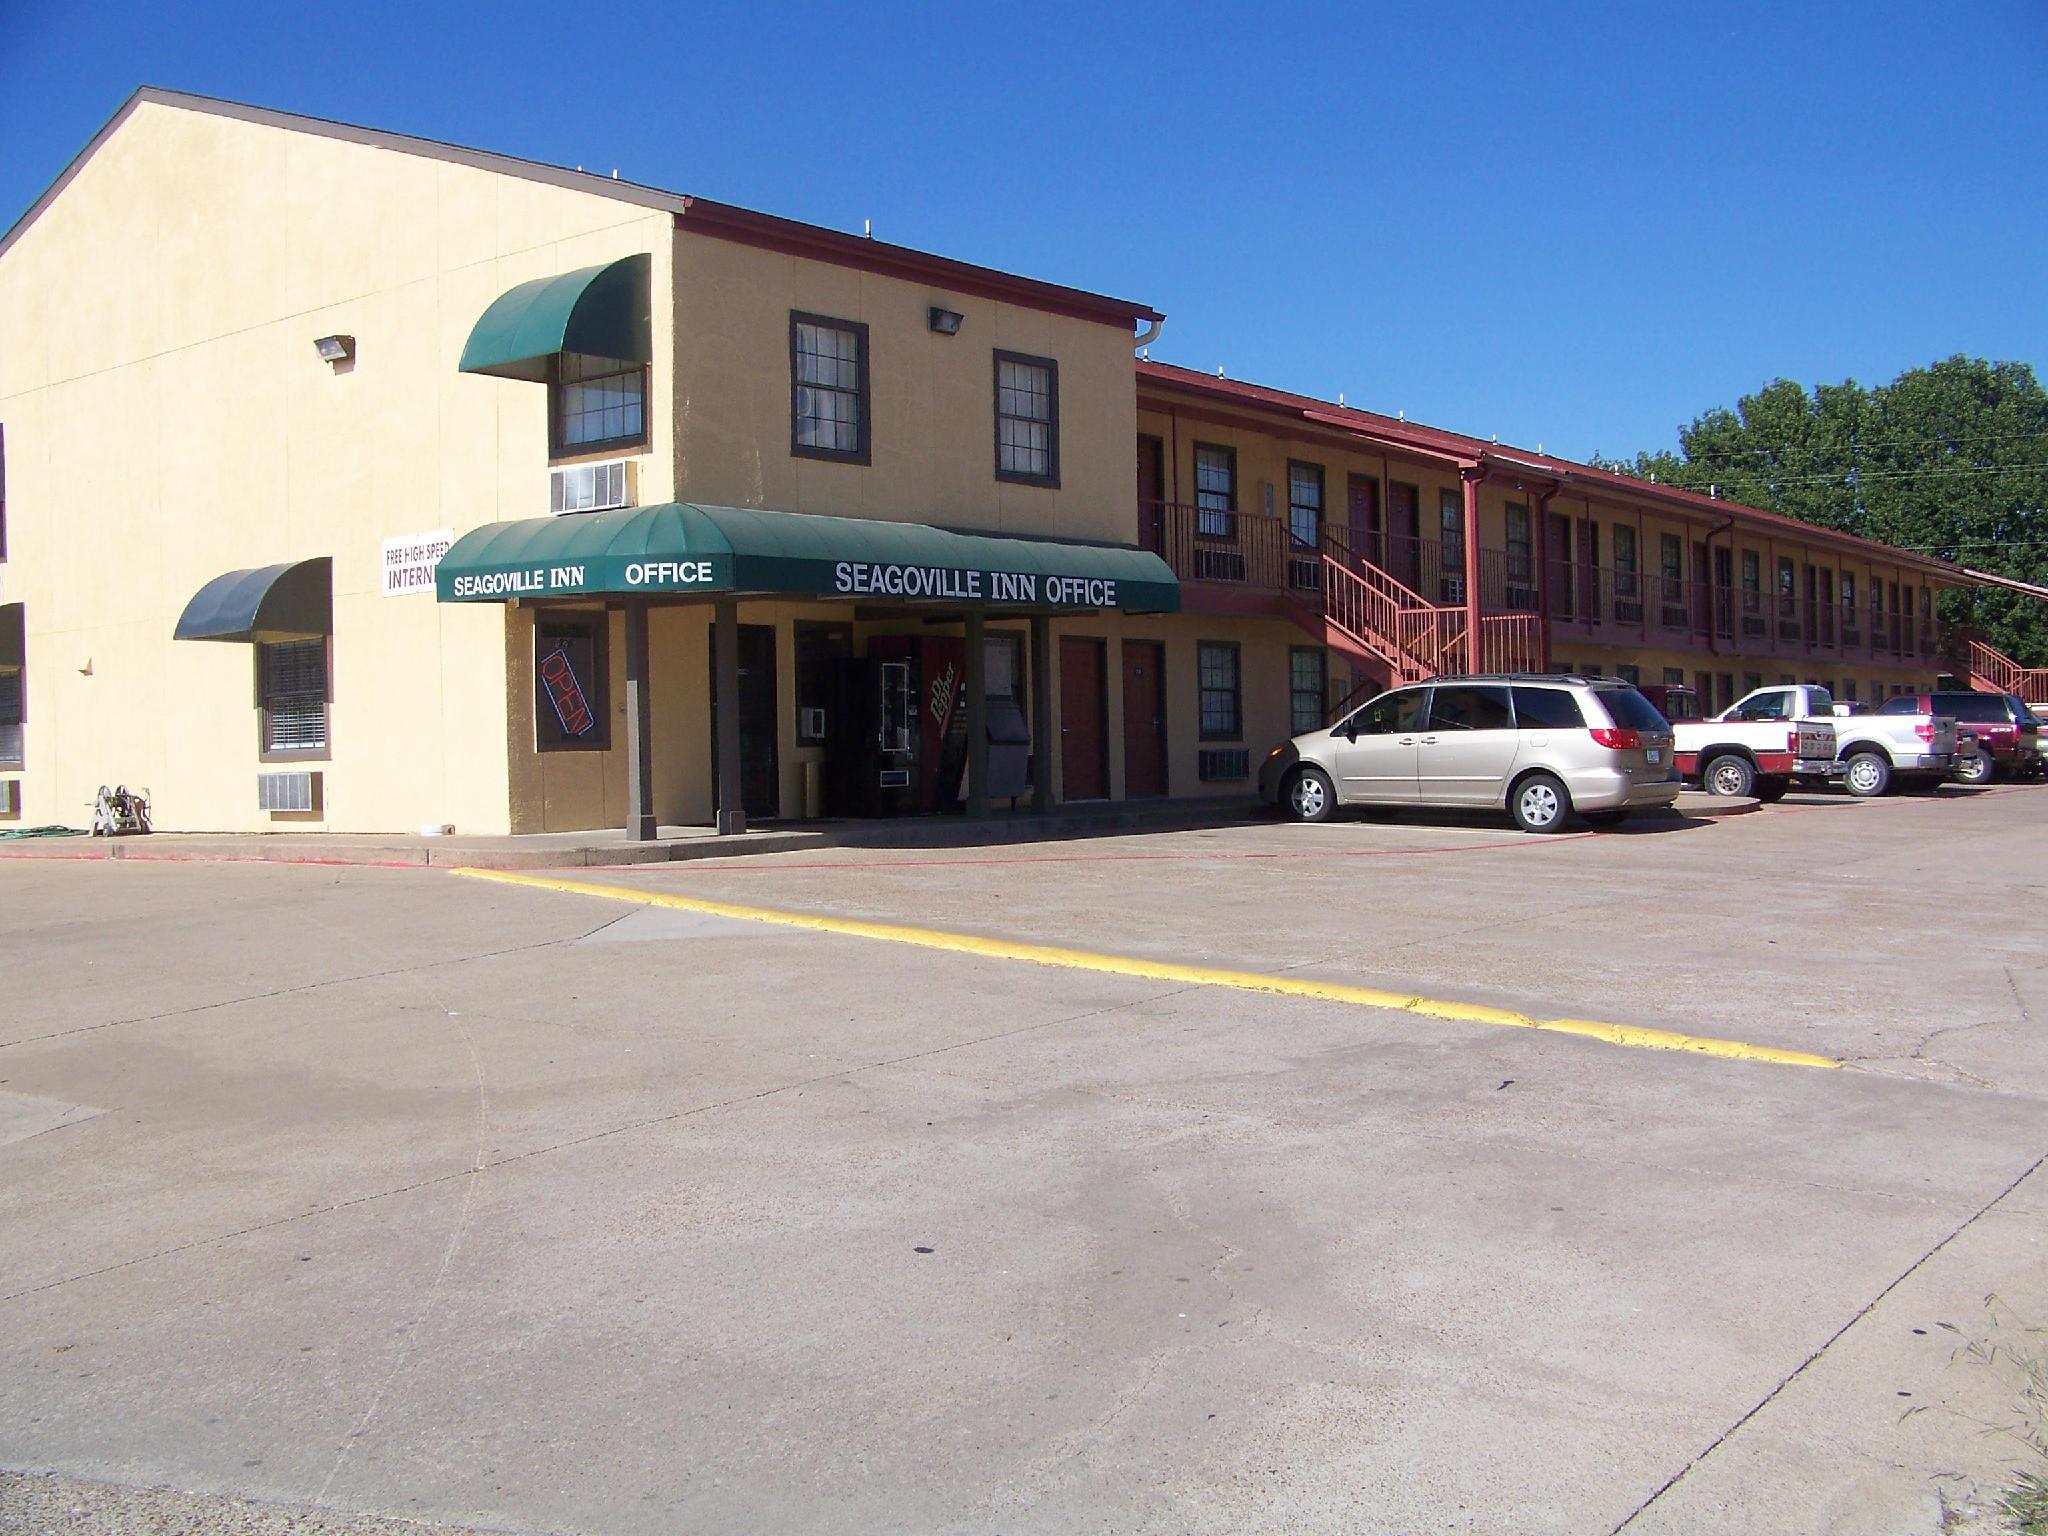 Seagoville Inn Seagoville Discount